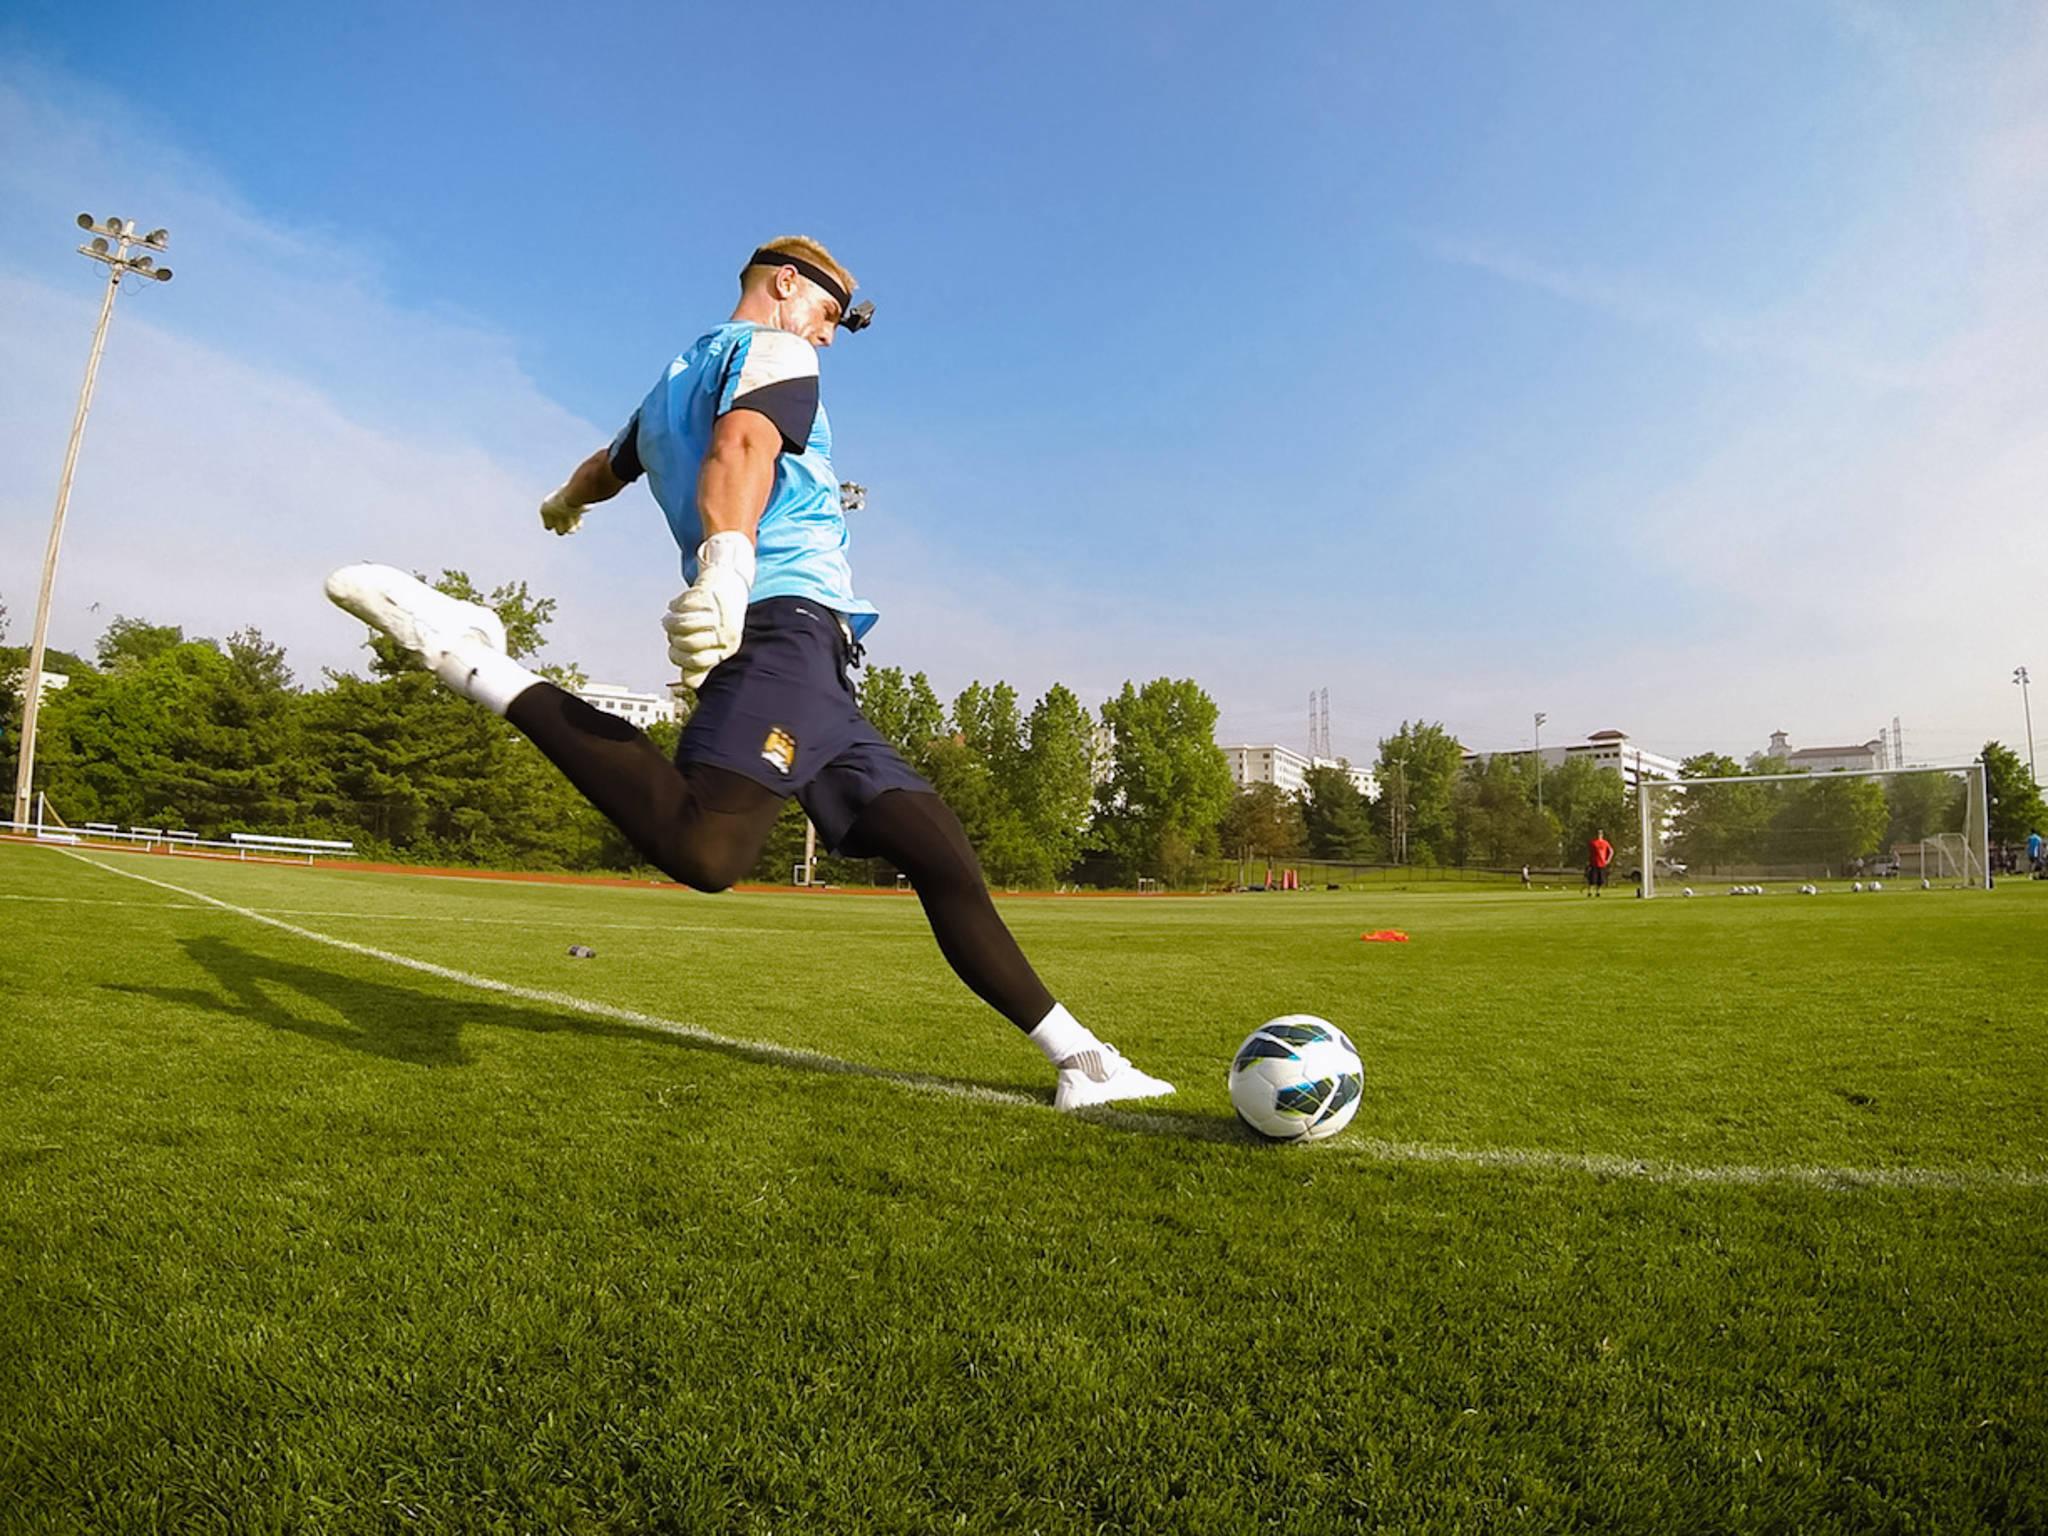 как фотографировать спорт